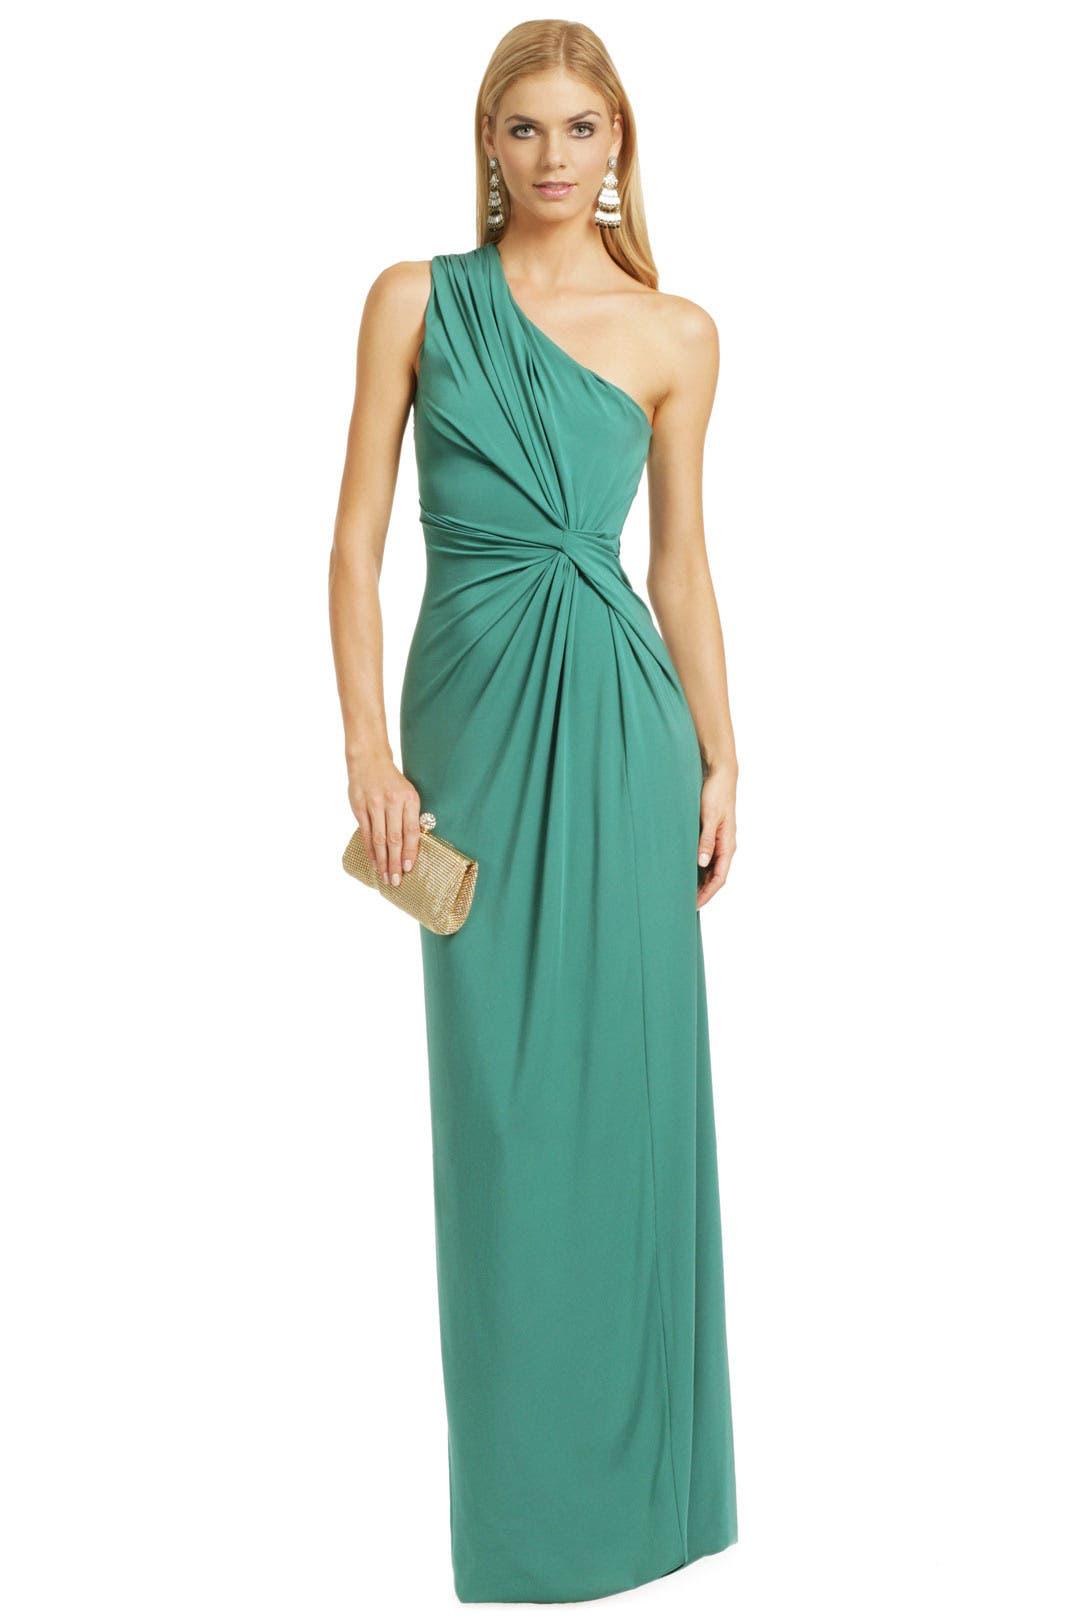 Persephone Lust Gown by Philosophy Di Alberta Ferretti